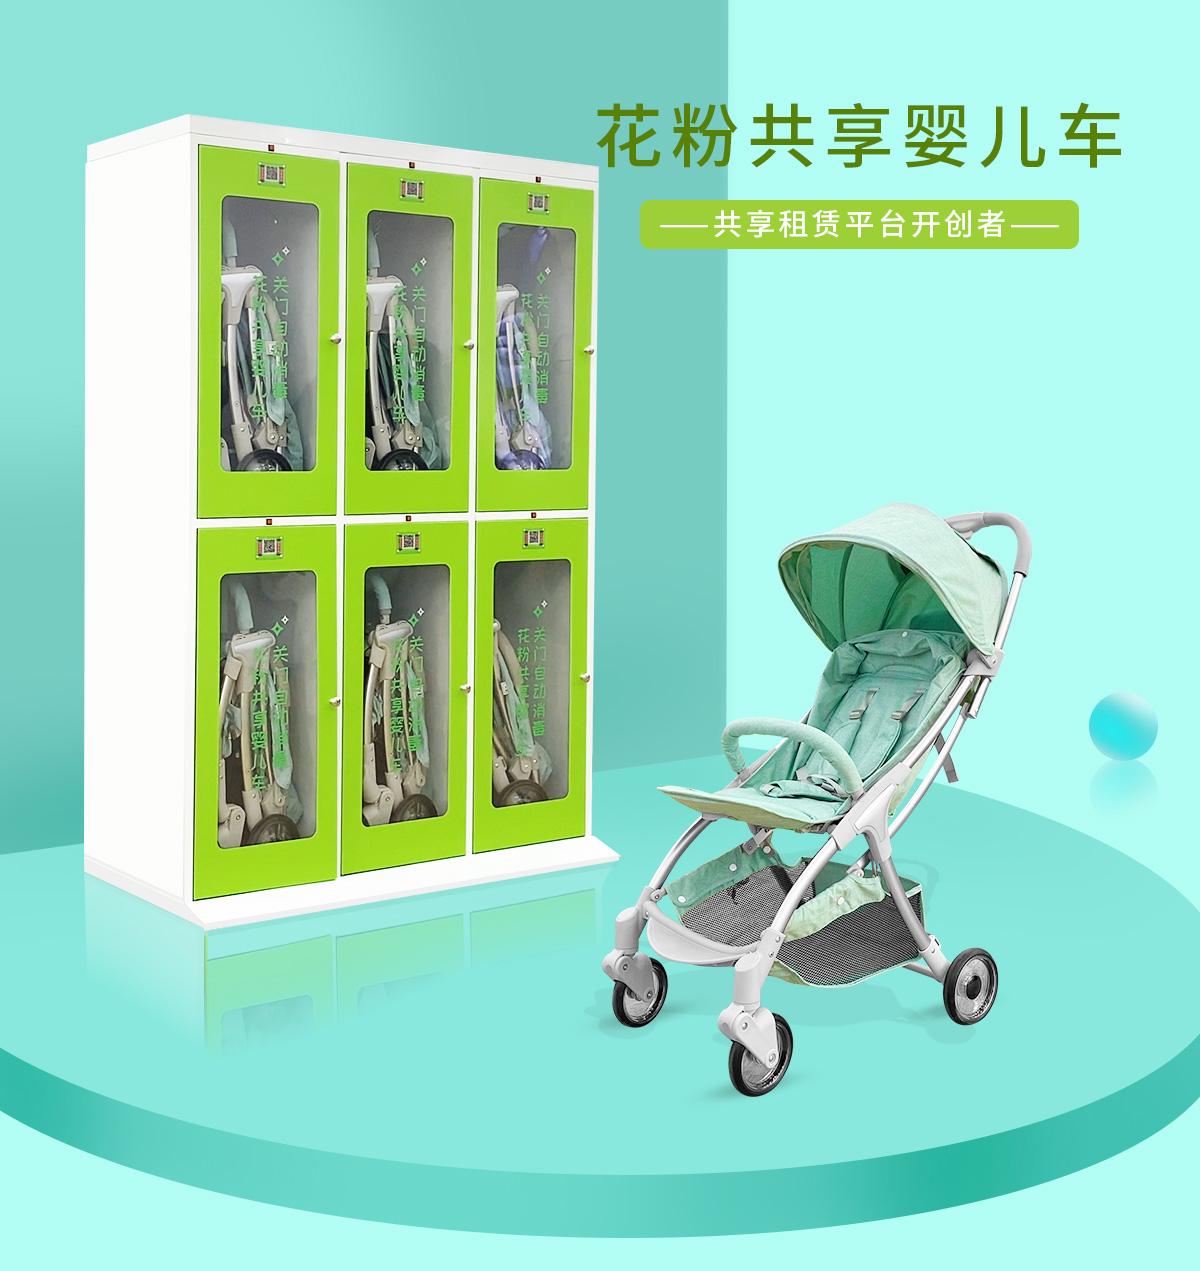 共享婴儿车